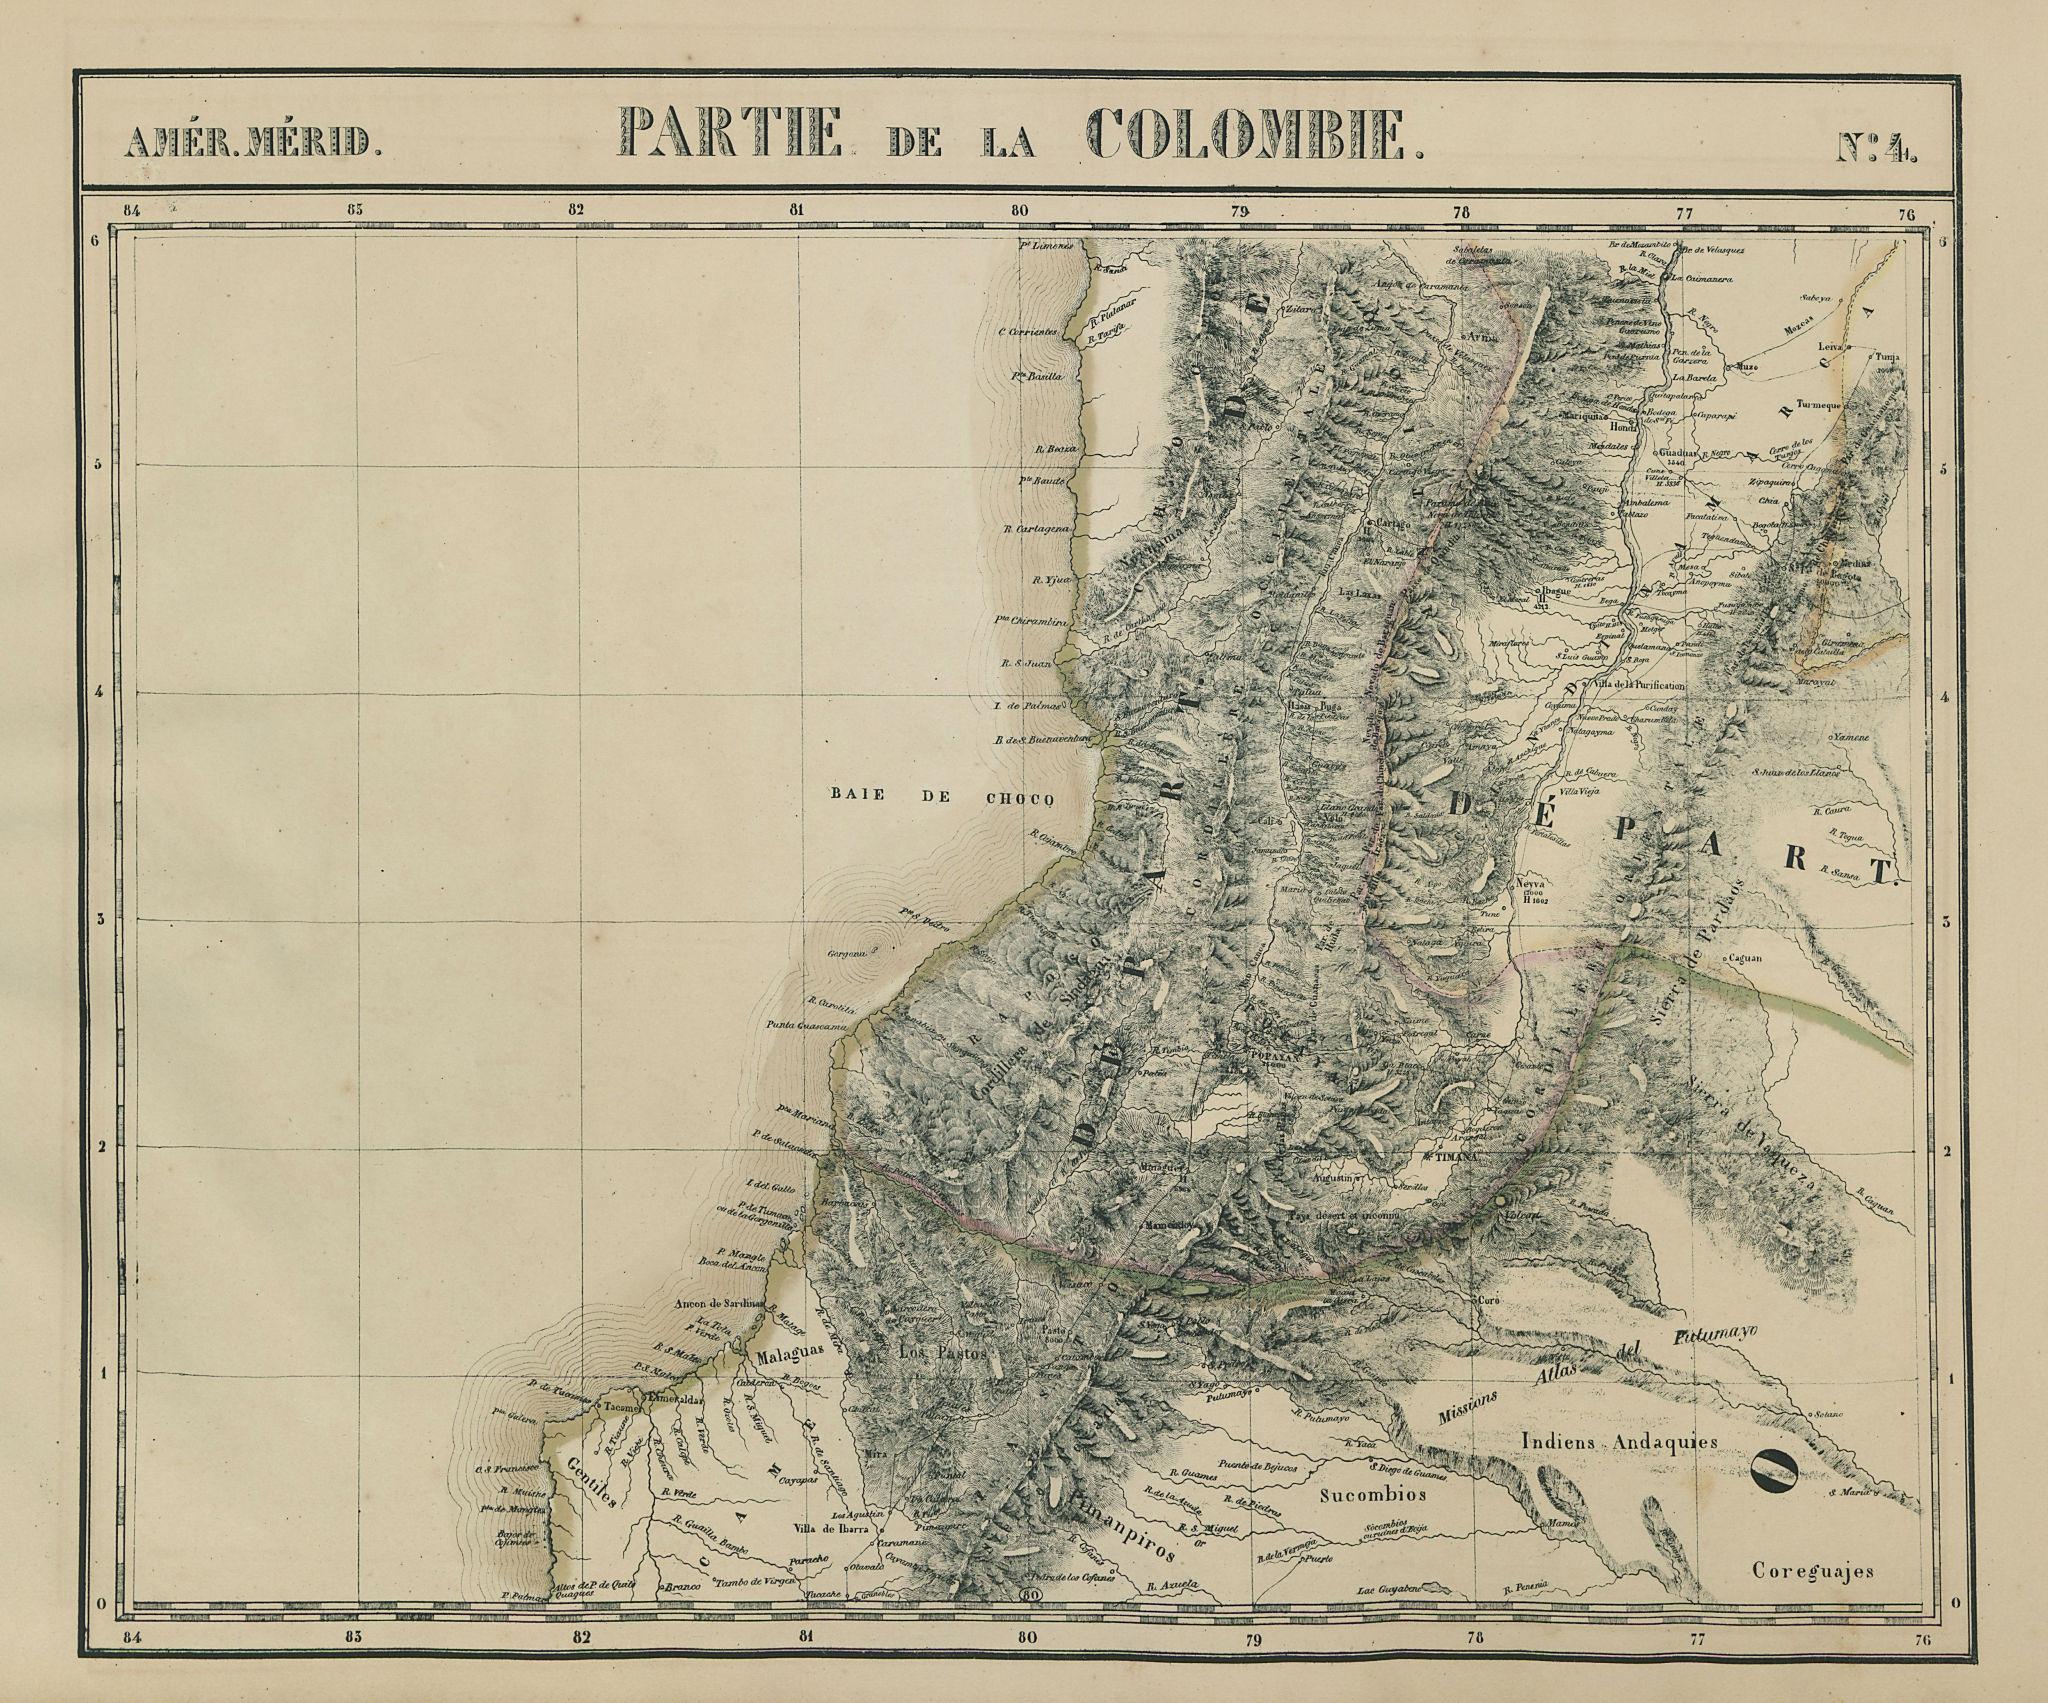 Amér. Mér. Colombie #4. SW Colombia & northern Ecuador. VANDERMAELEN 1827 map